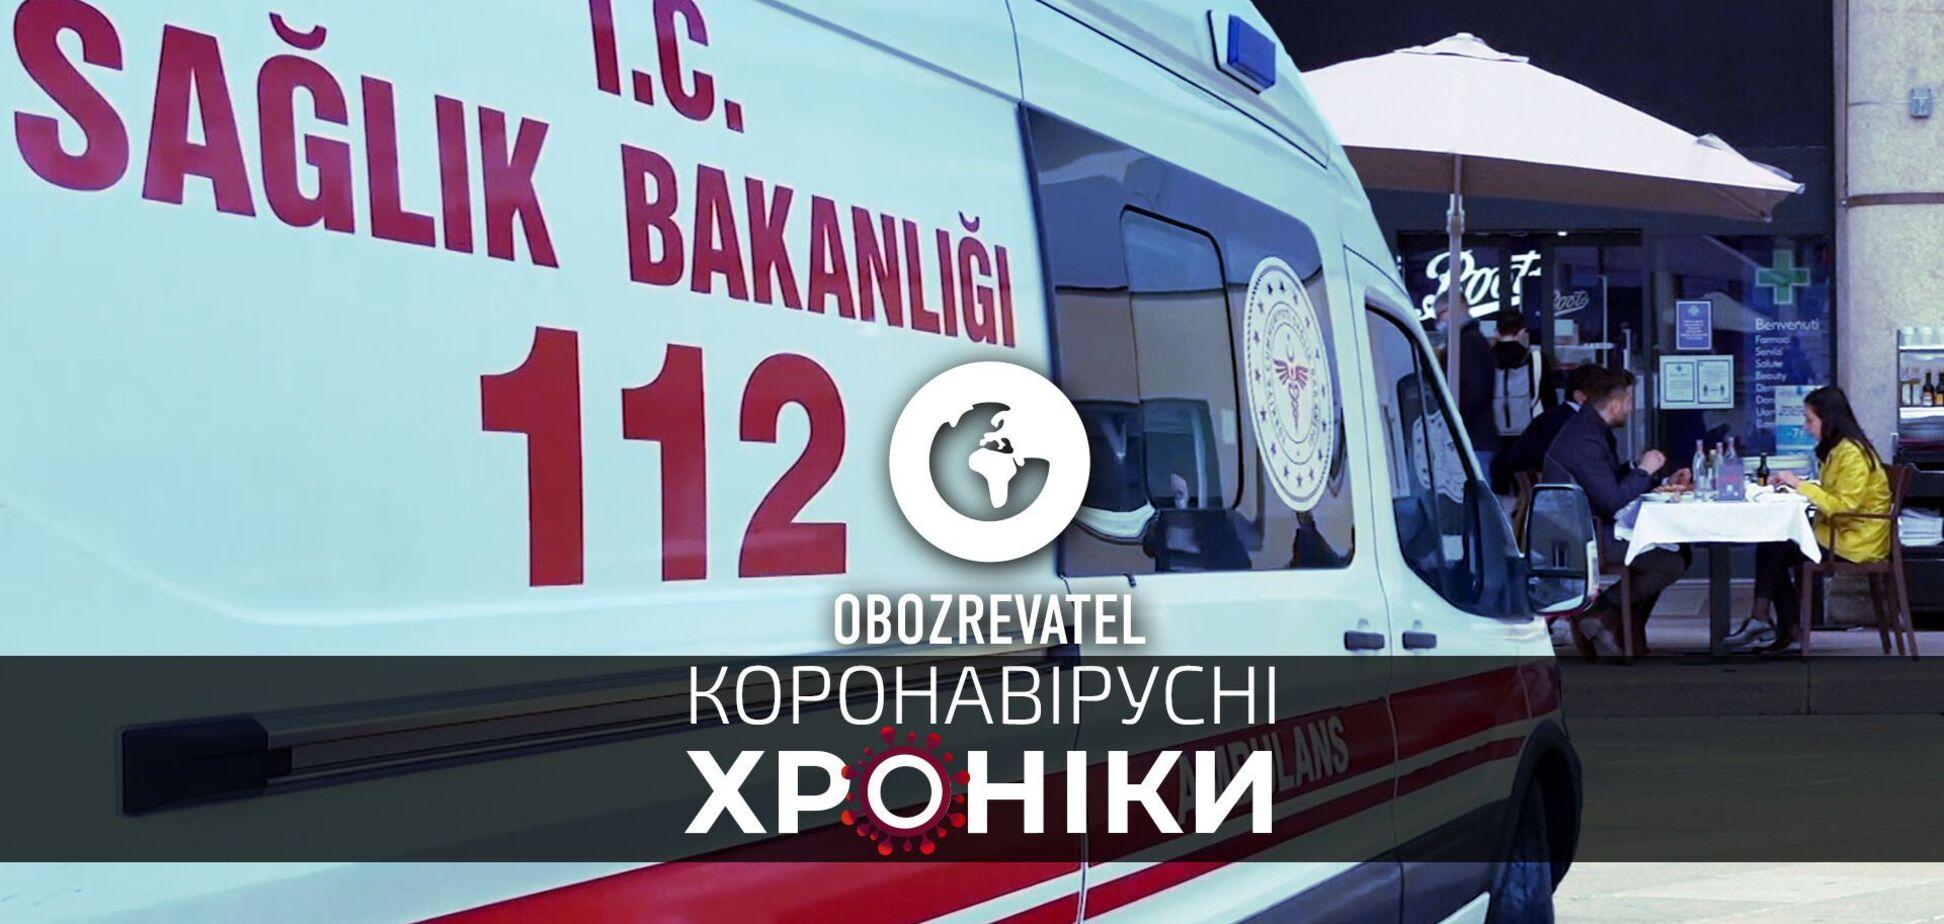 Туреччина закривається на повний локдаун, а США збираються поділитися своїм запасом вакцини AstraZeneca - коронавірусні хроніки